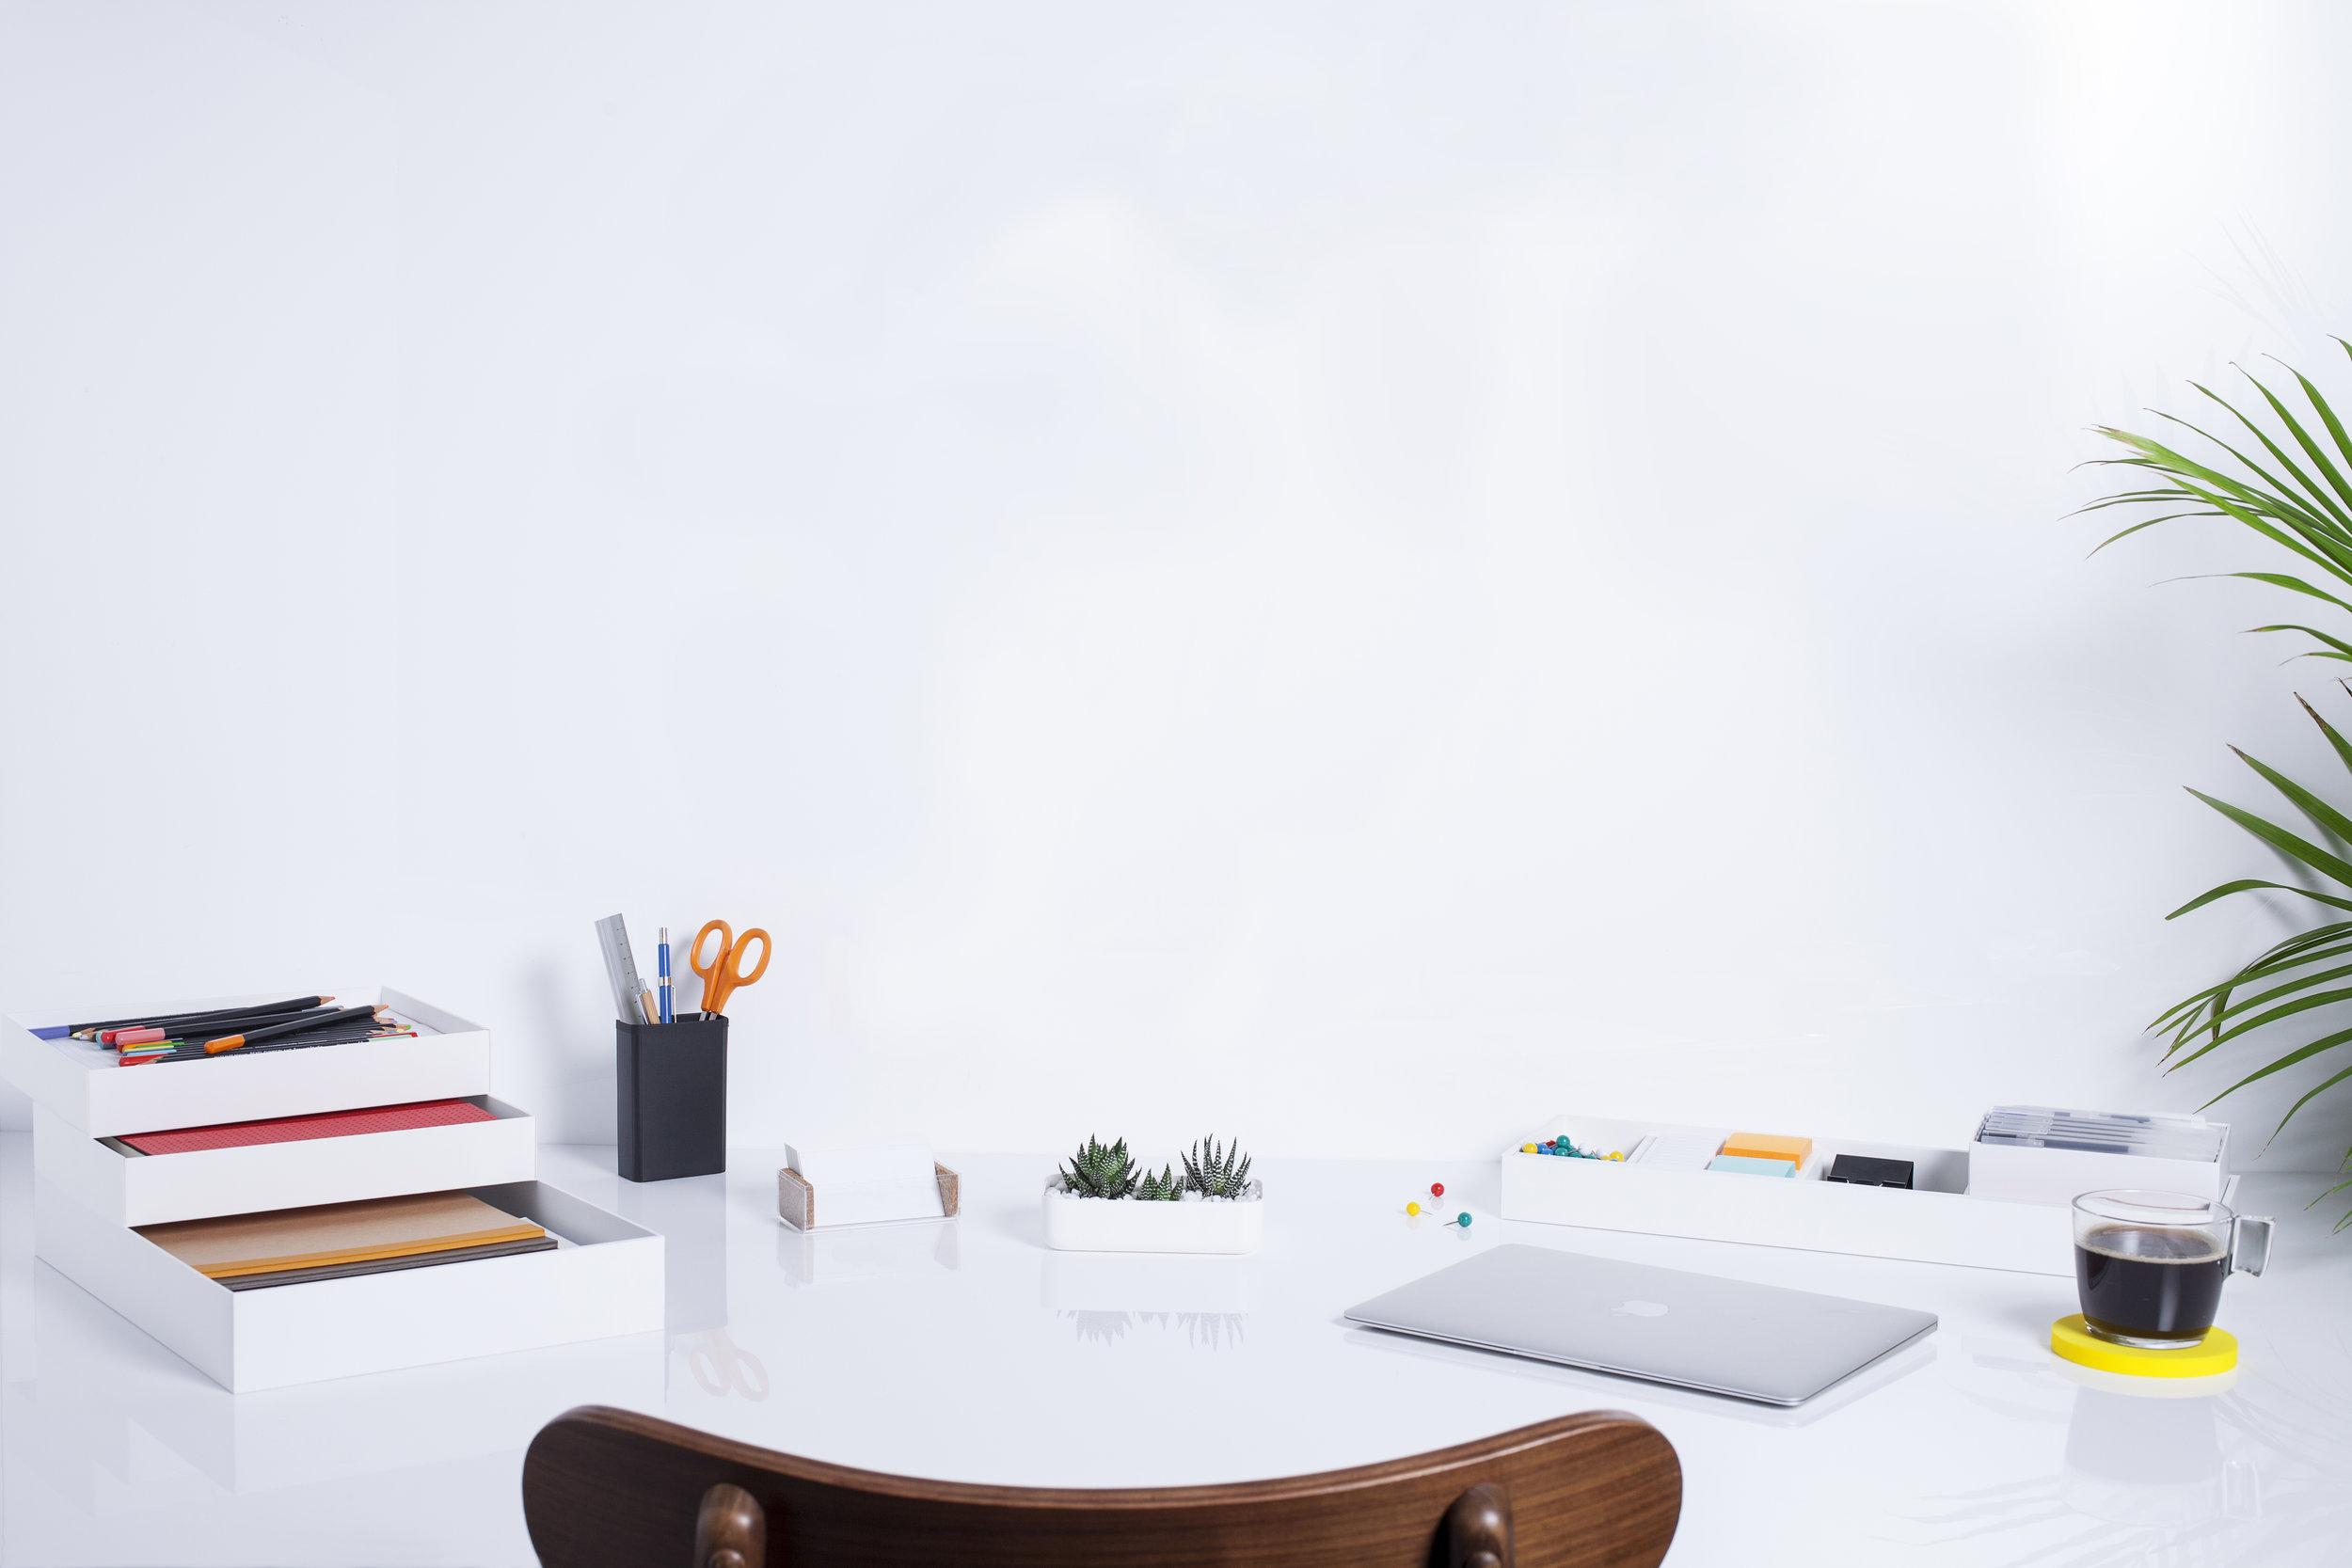 Desk Accessories -